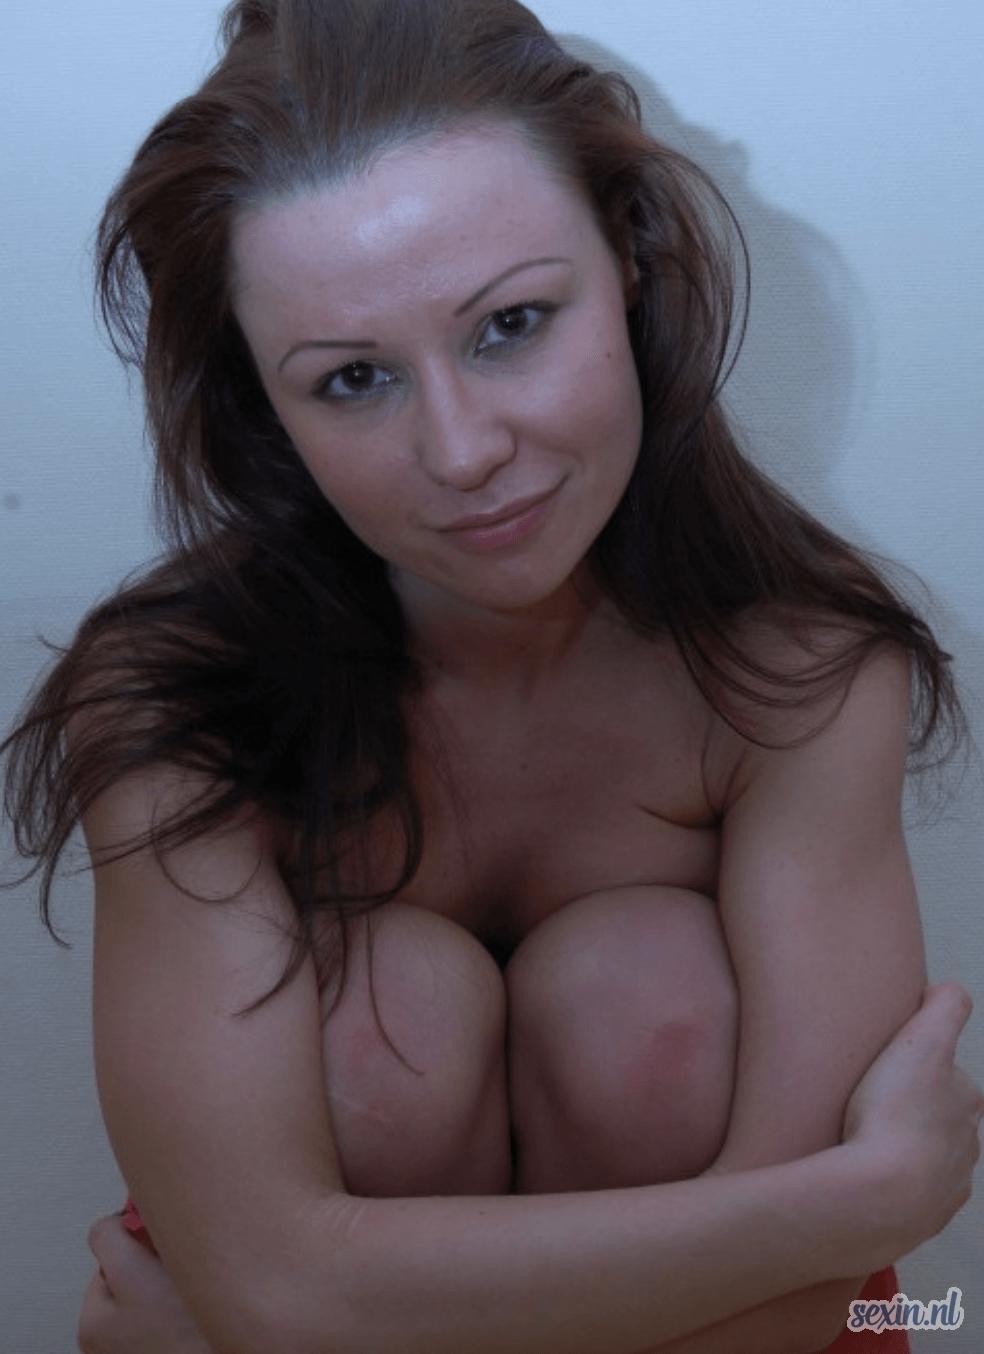 Annemieke22